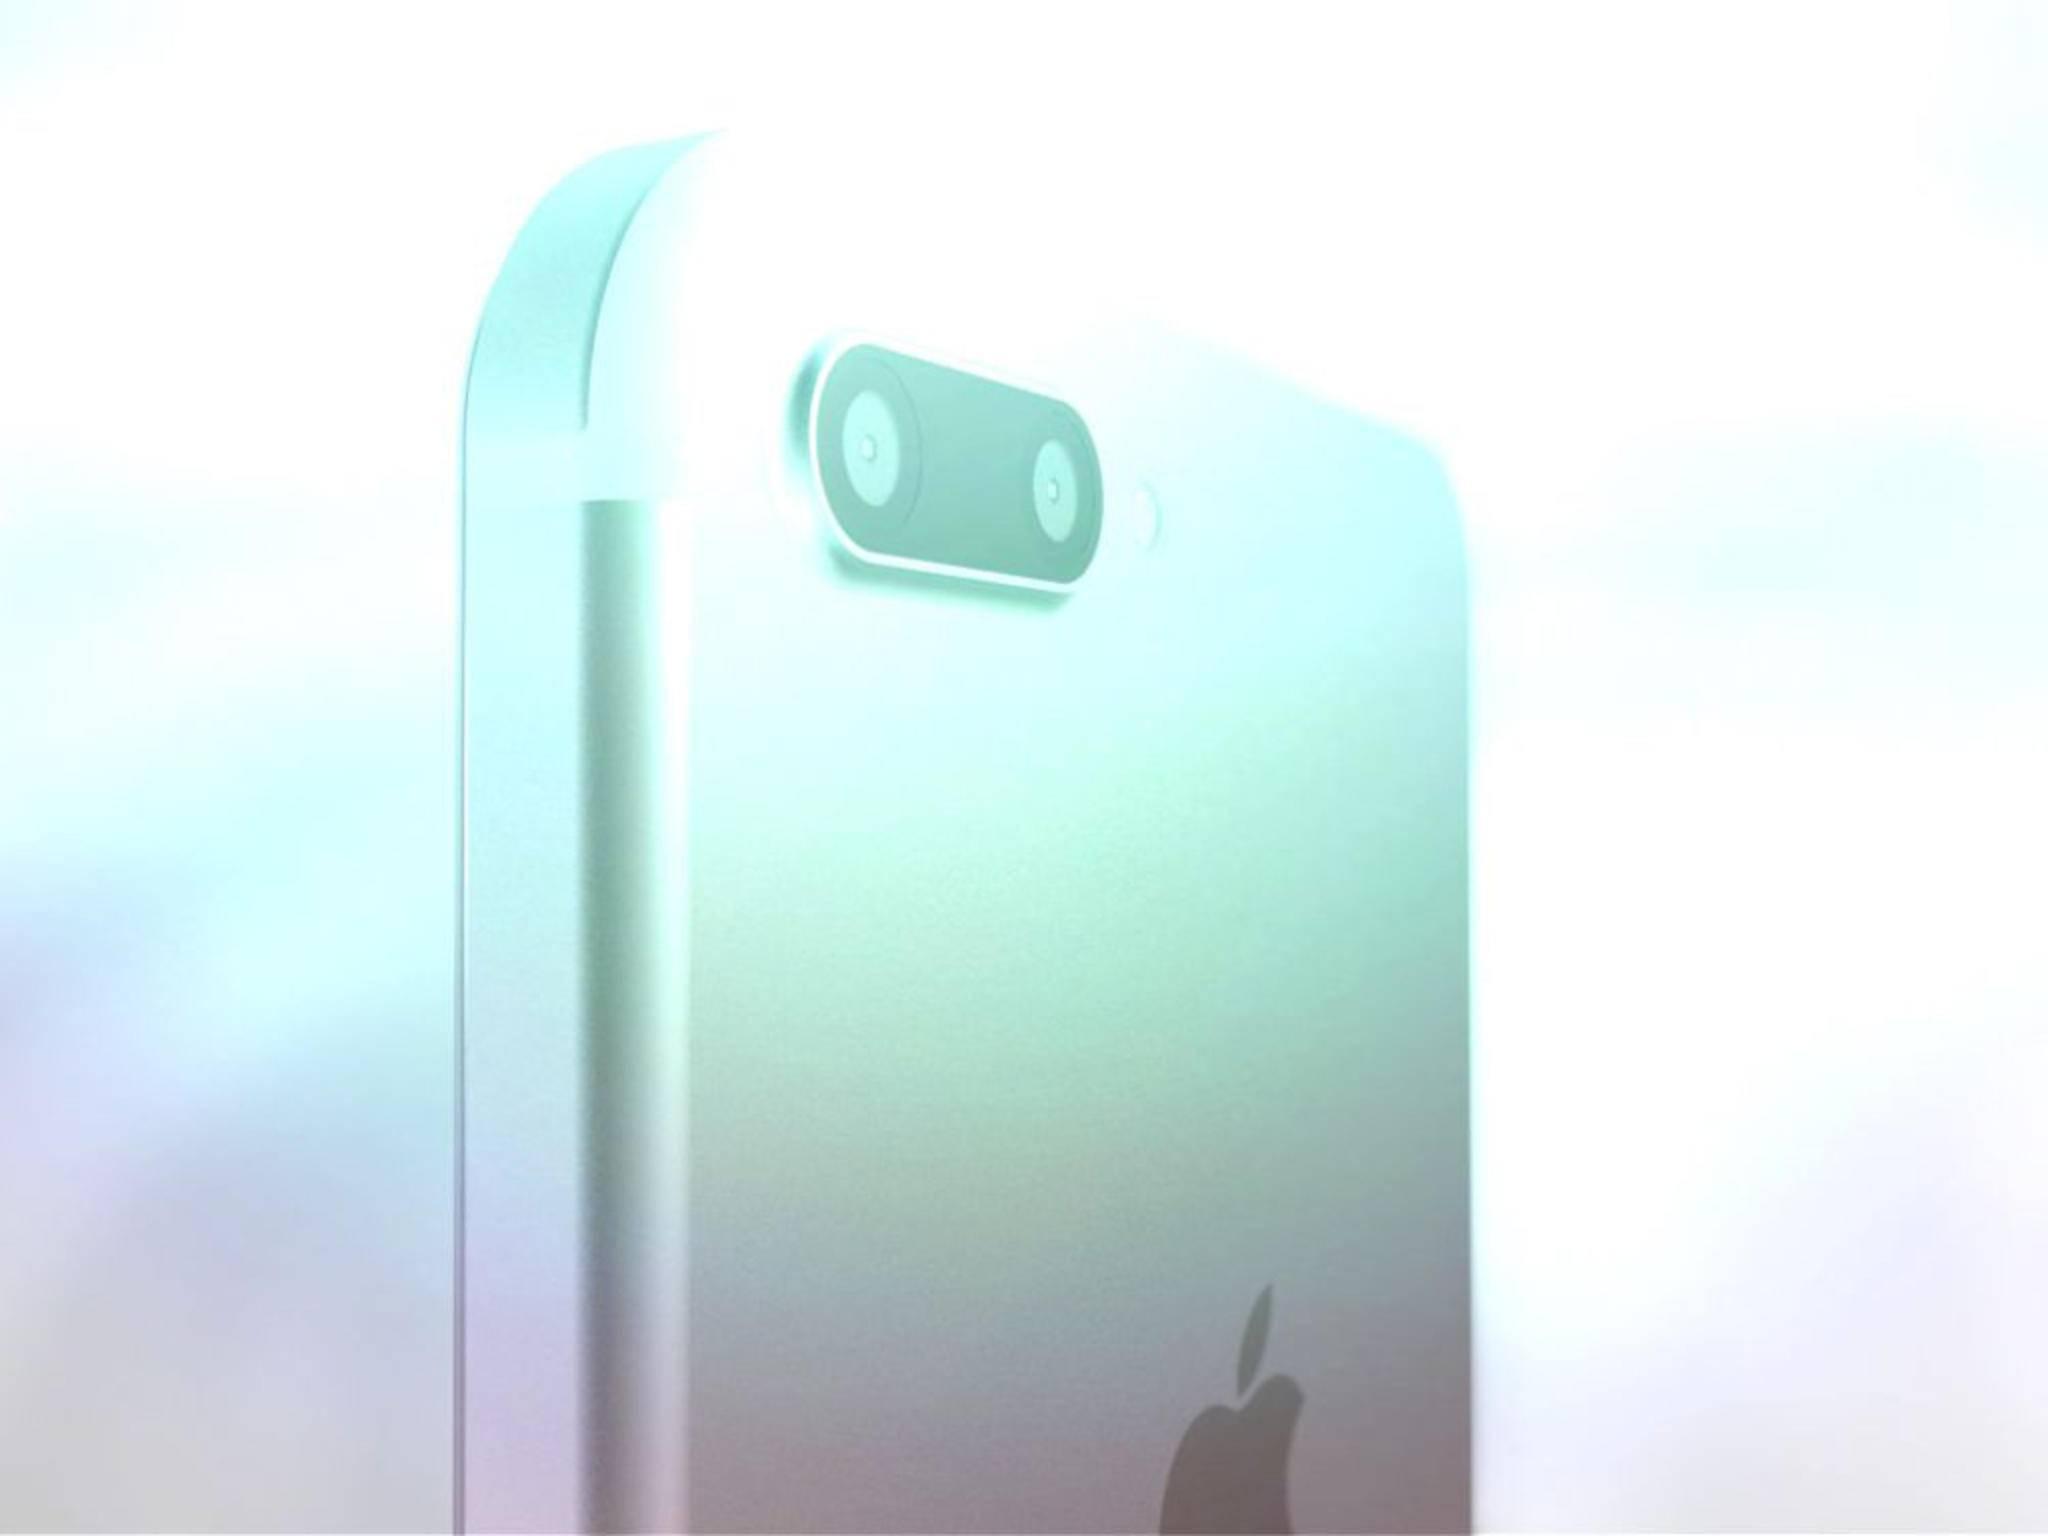 Kommt das iPhone 7 doch ohne Smart Connector?